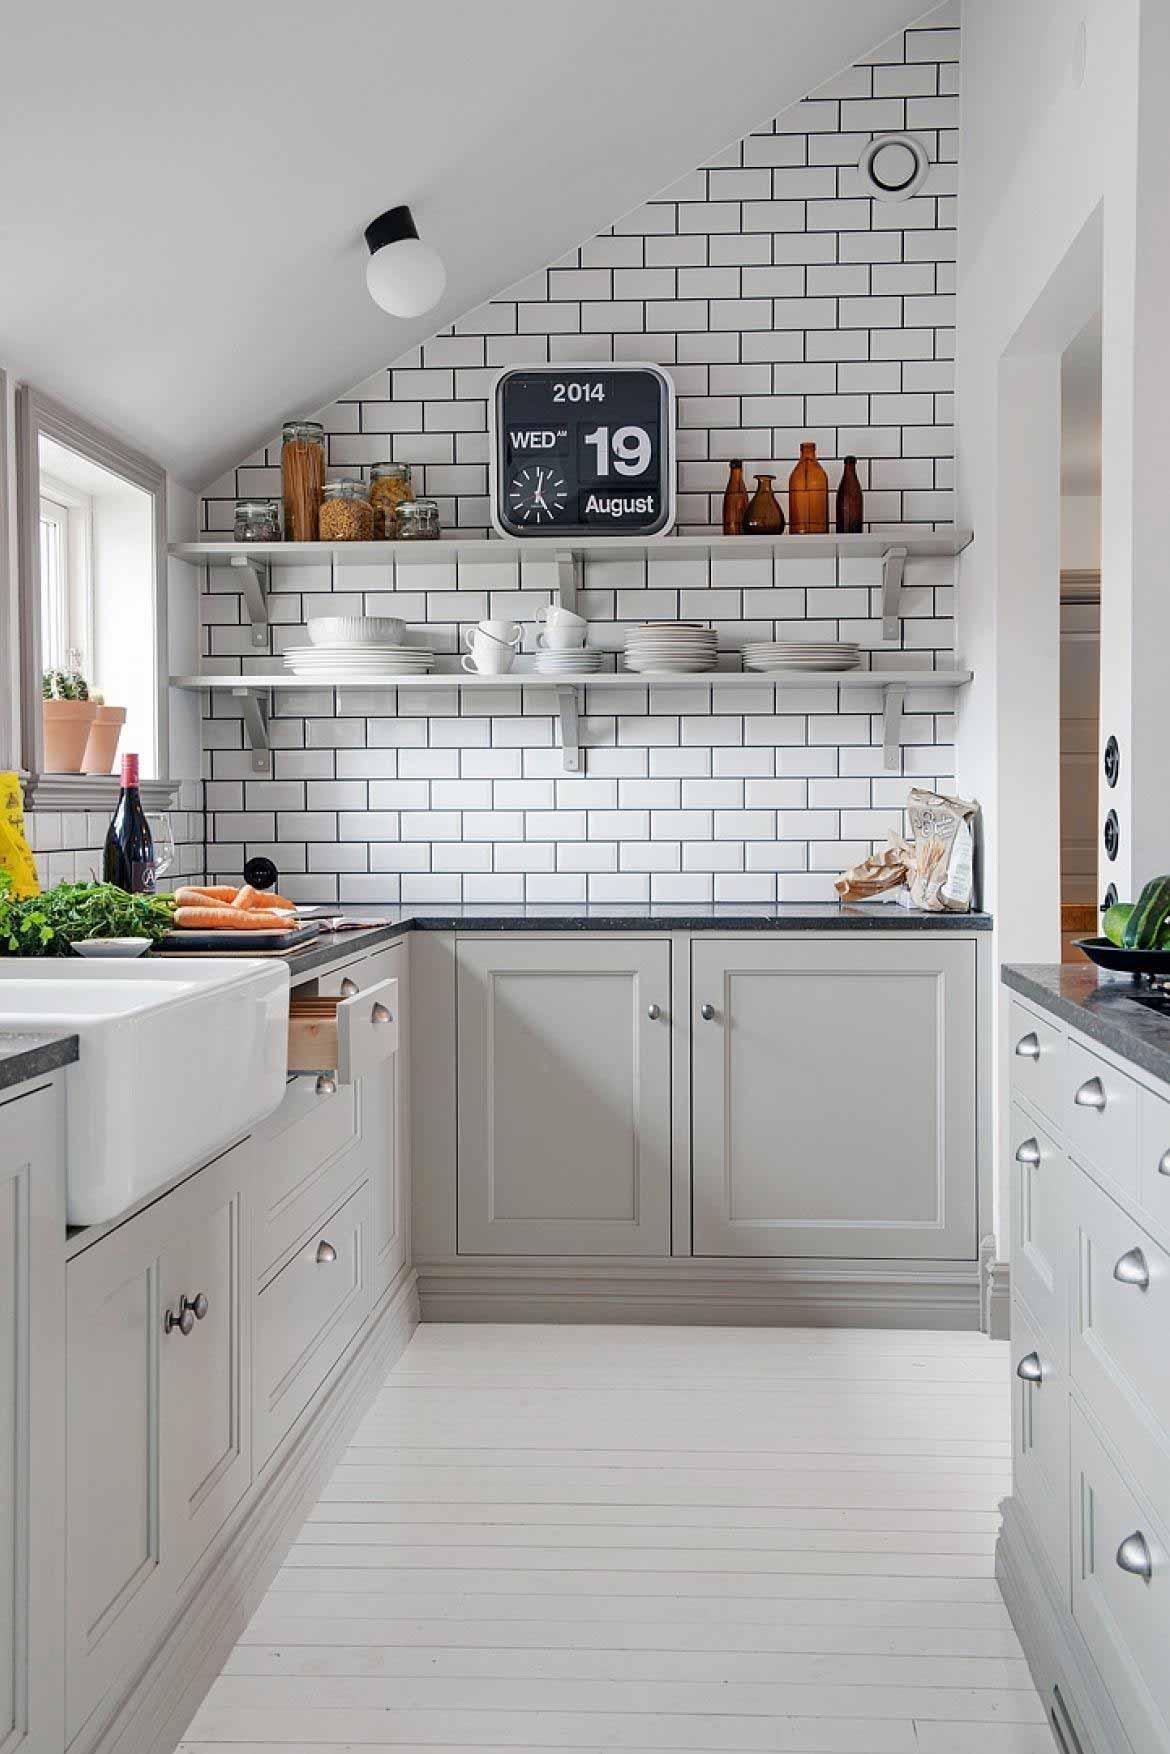 Đồng hồ điện tử giúp tủ bếp treo tường trông ấn tượng hơn rất nhiều